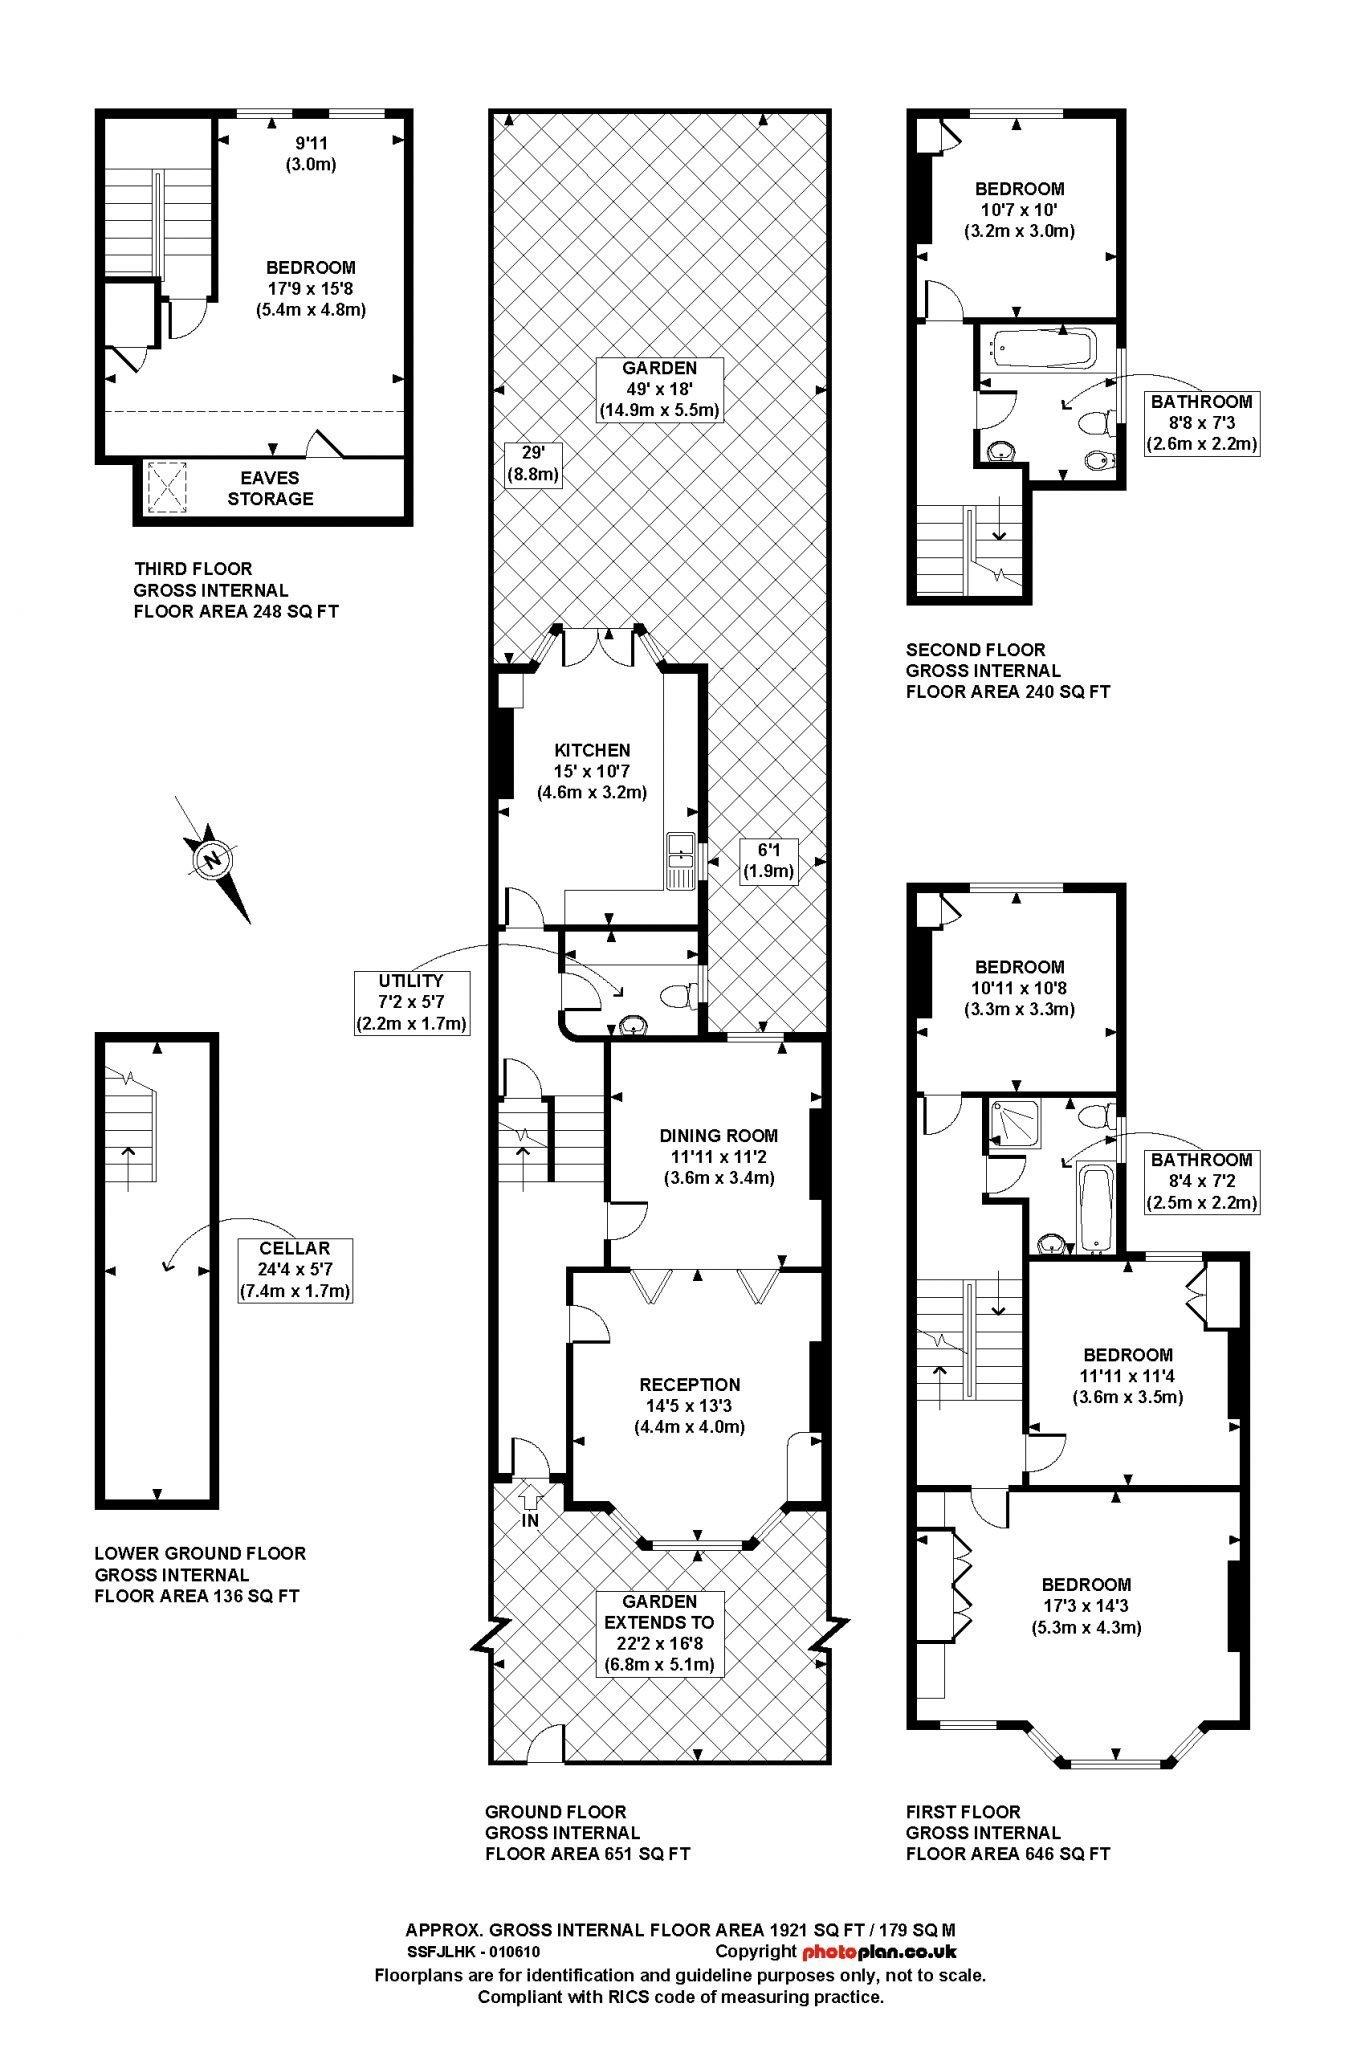 Property Floor Plans 3d Interactive Floorplans Photoplan